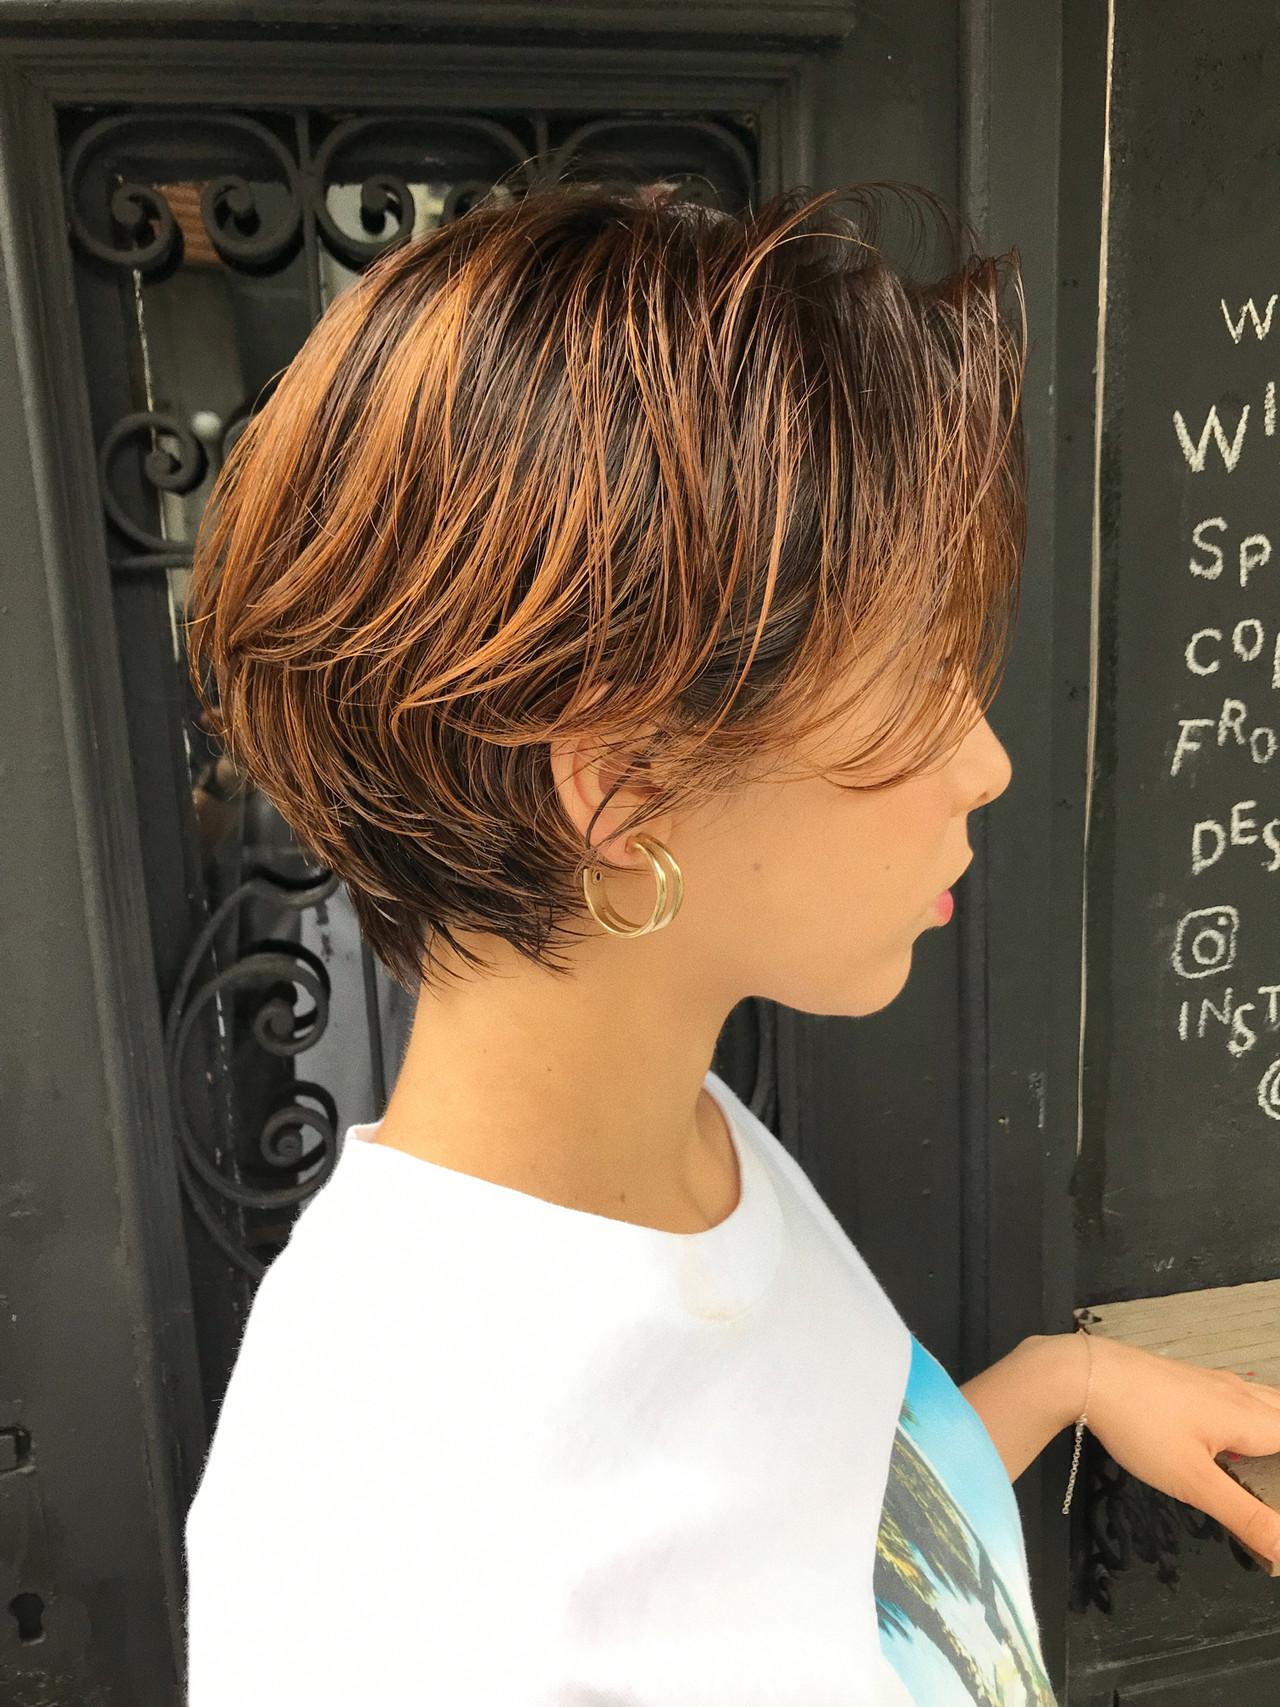 ショート オレンジ ハイトーン 抜け感 ヘアスタイルや髪型の写真・画像 | 小西敬二郎 / Heartim